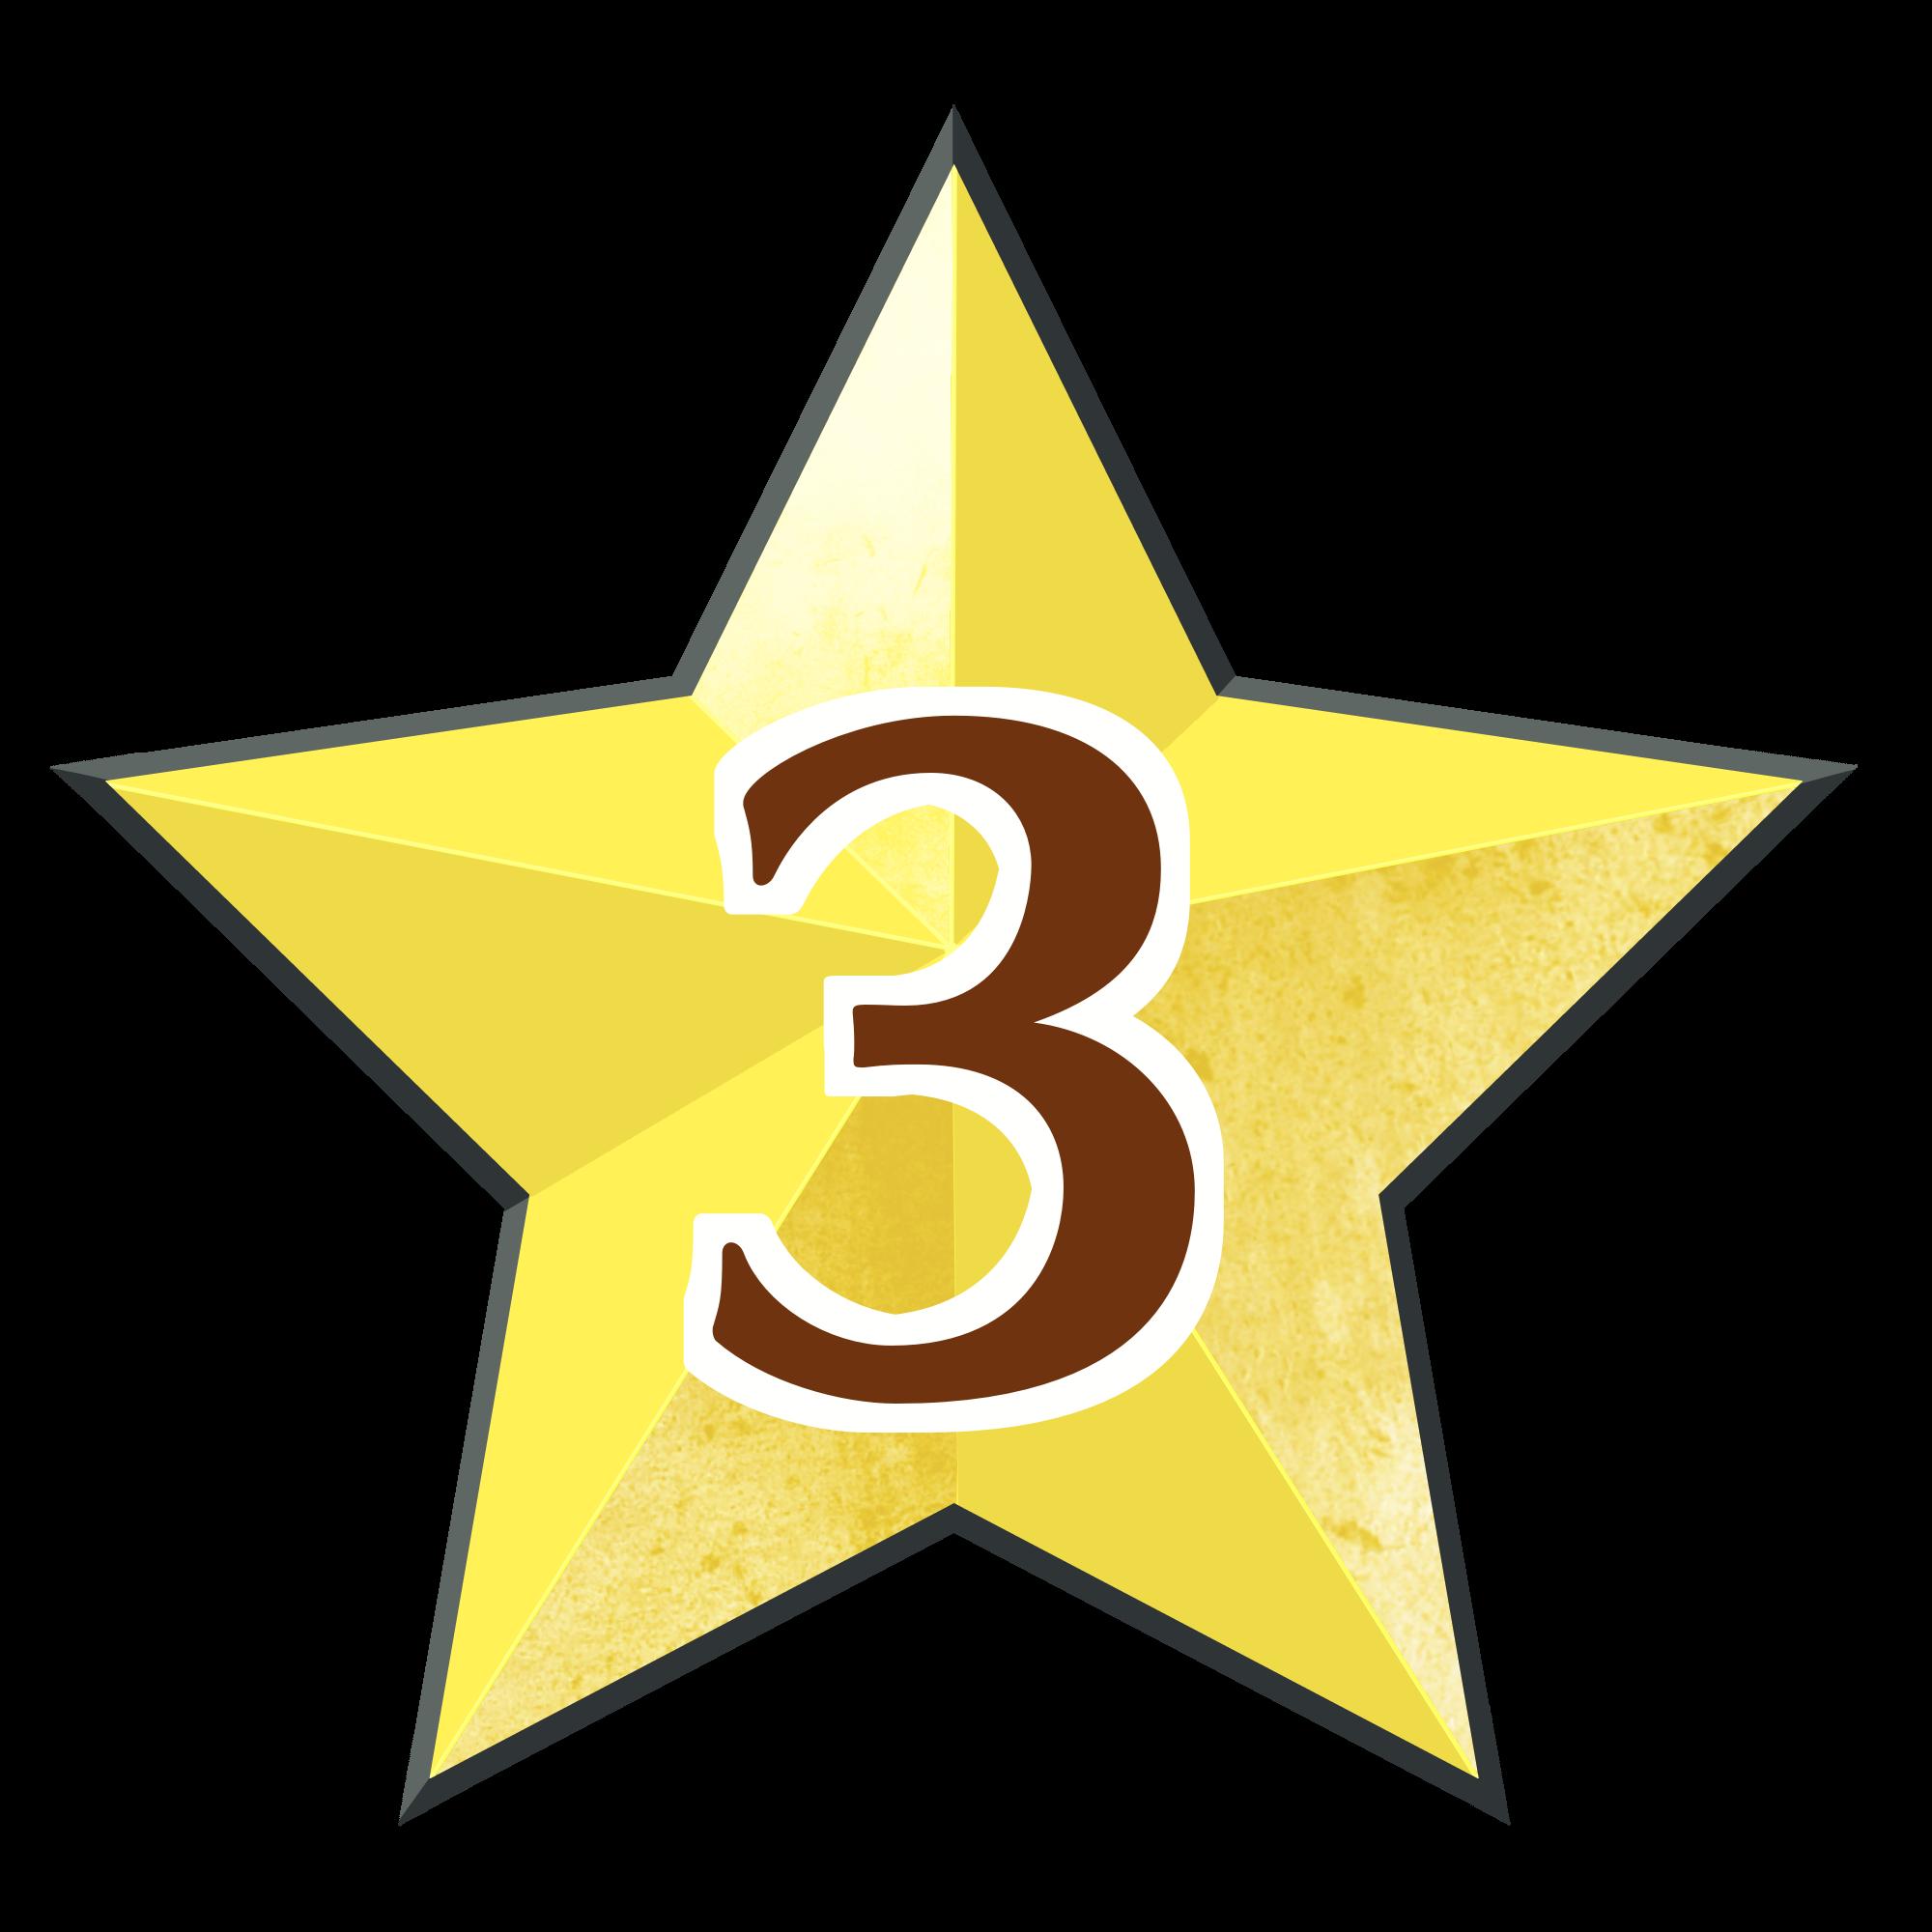 星3聖痕の画像